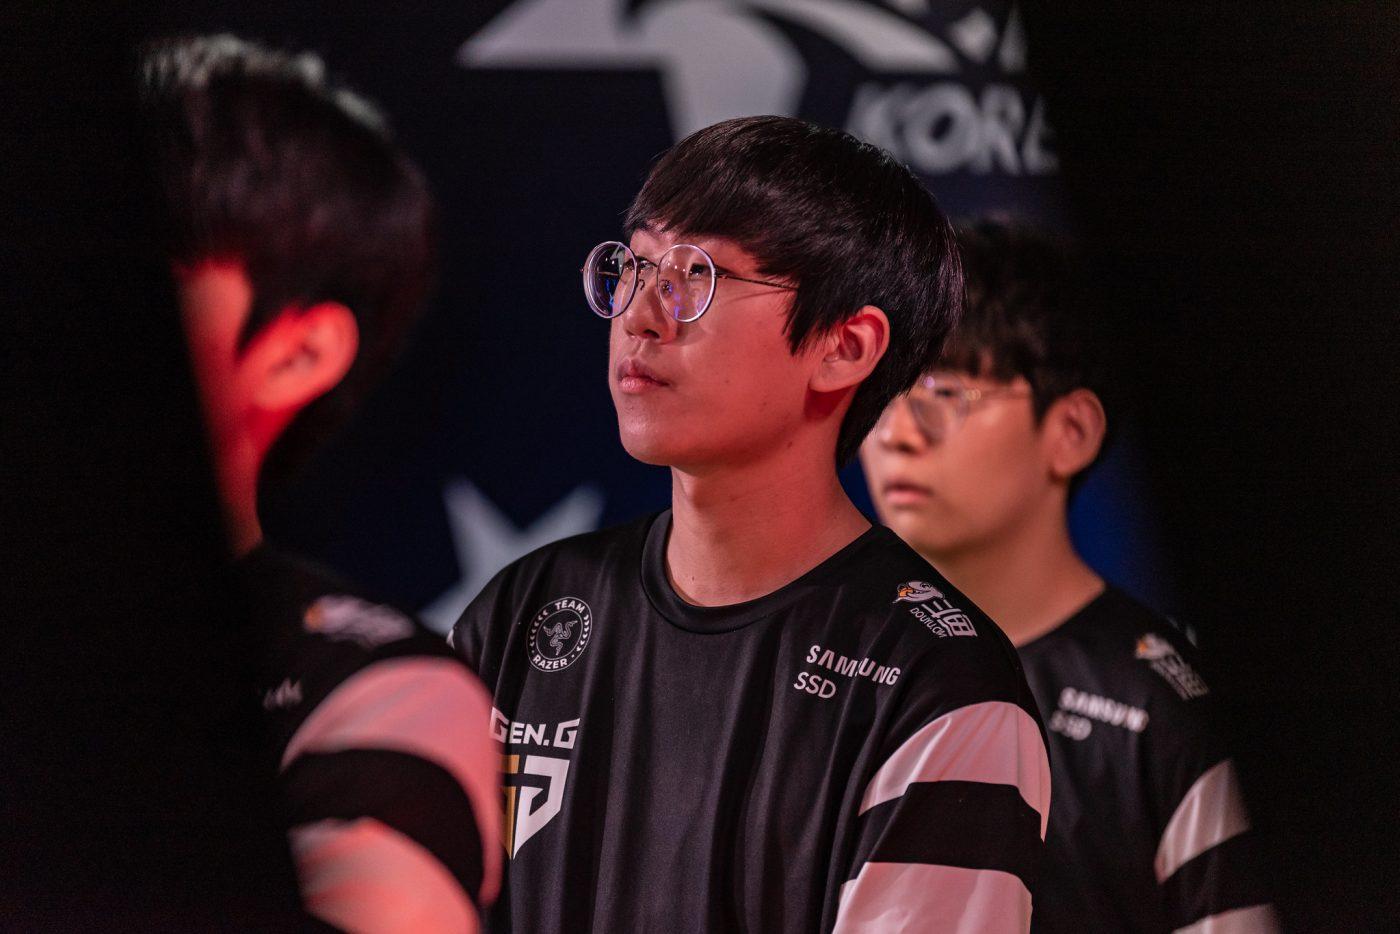 LCK Gen.G player